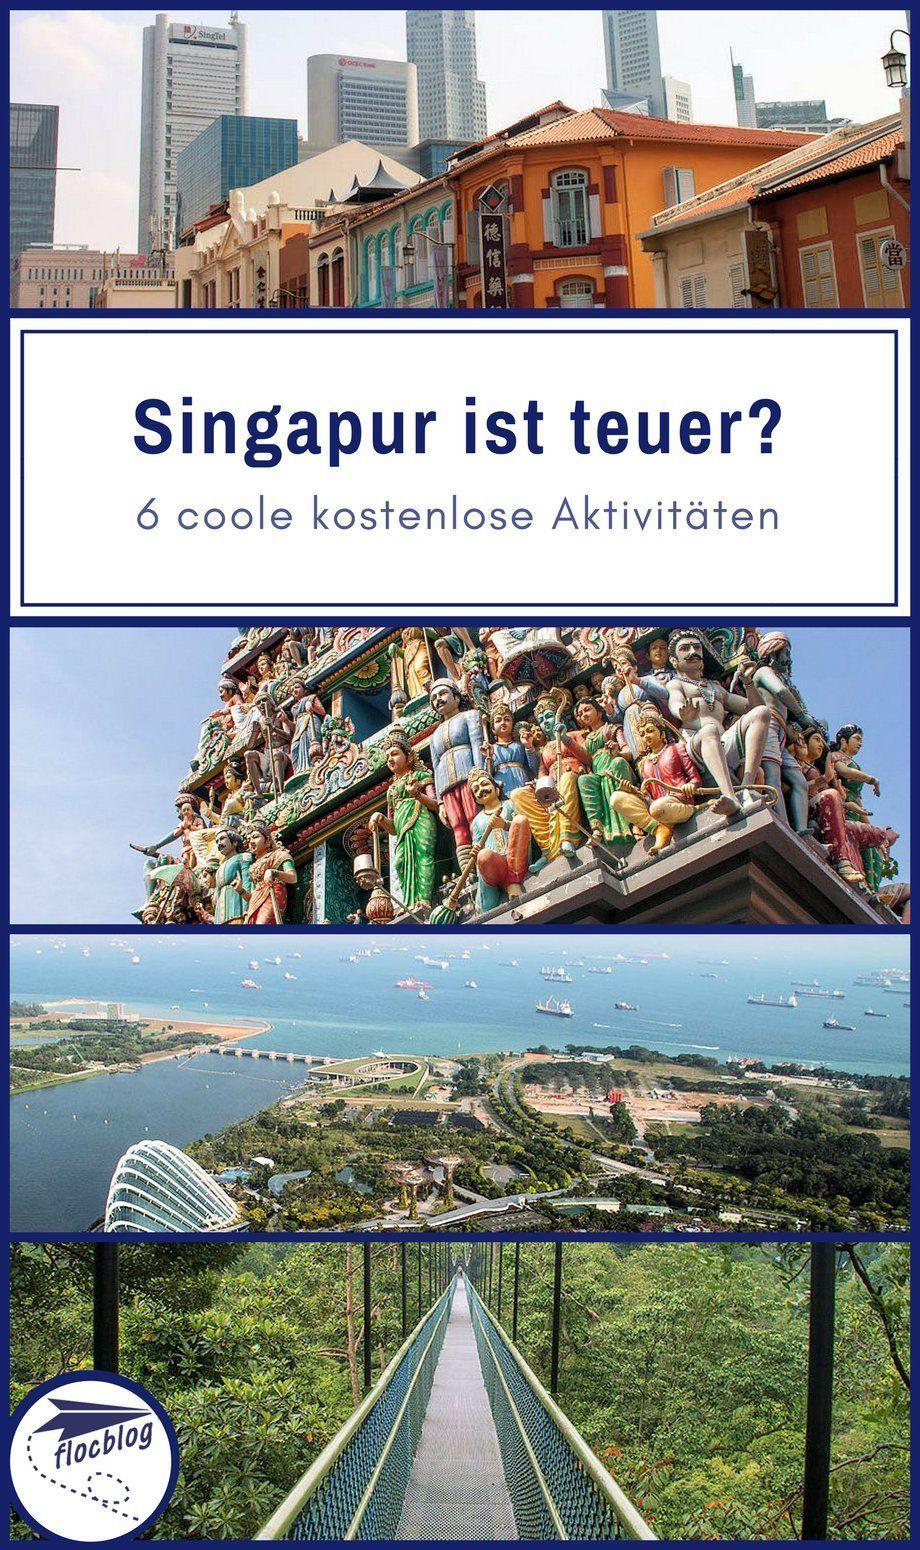 Singapur ist teuer & langweilig? 6 kostenlose Highlights [+Karte]